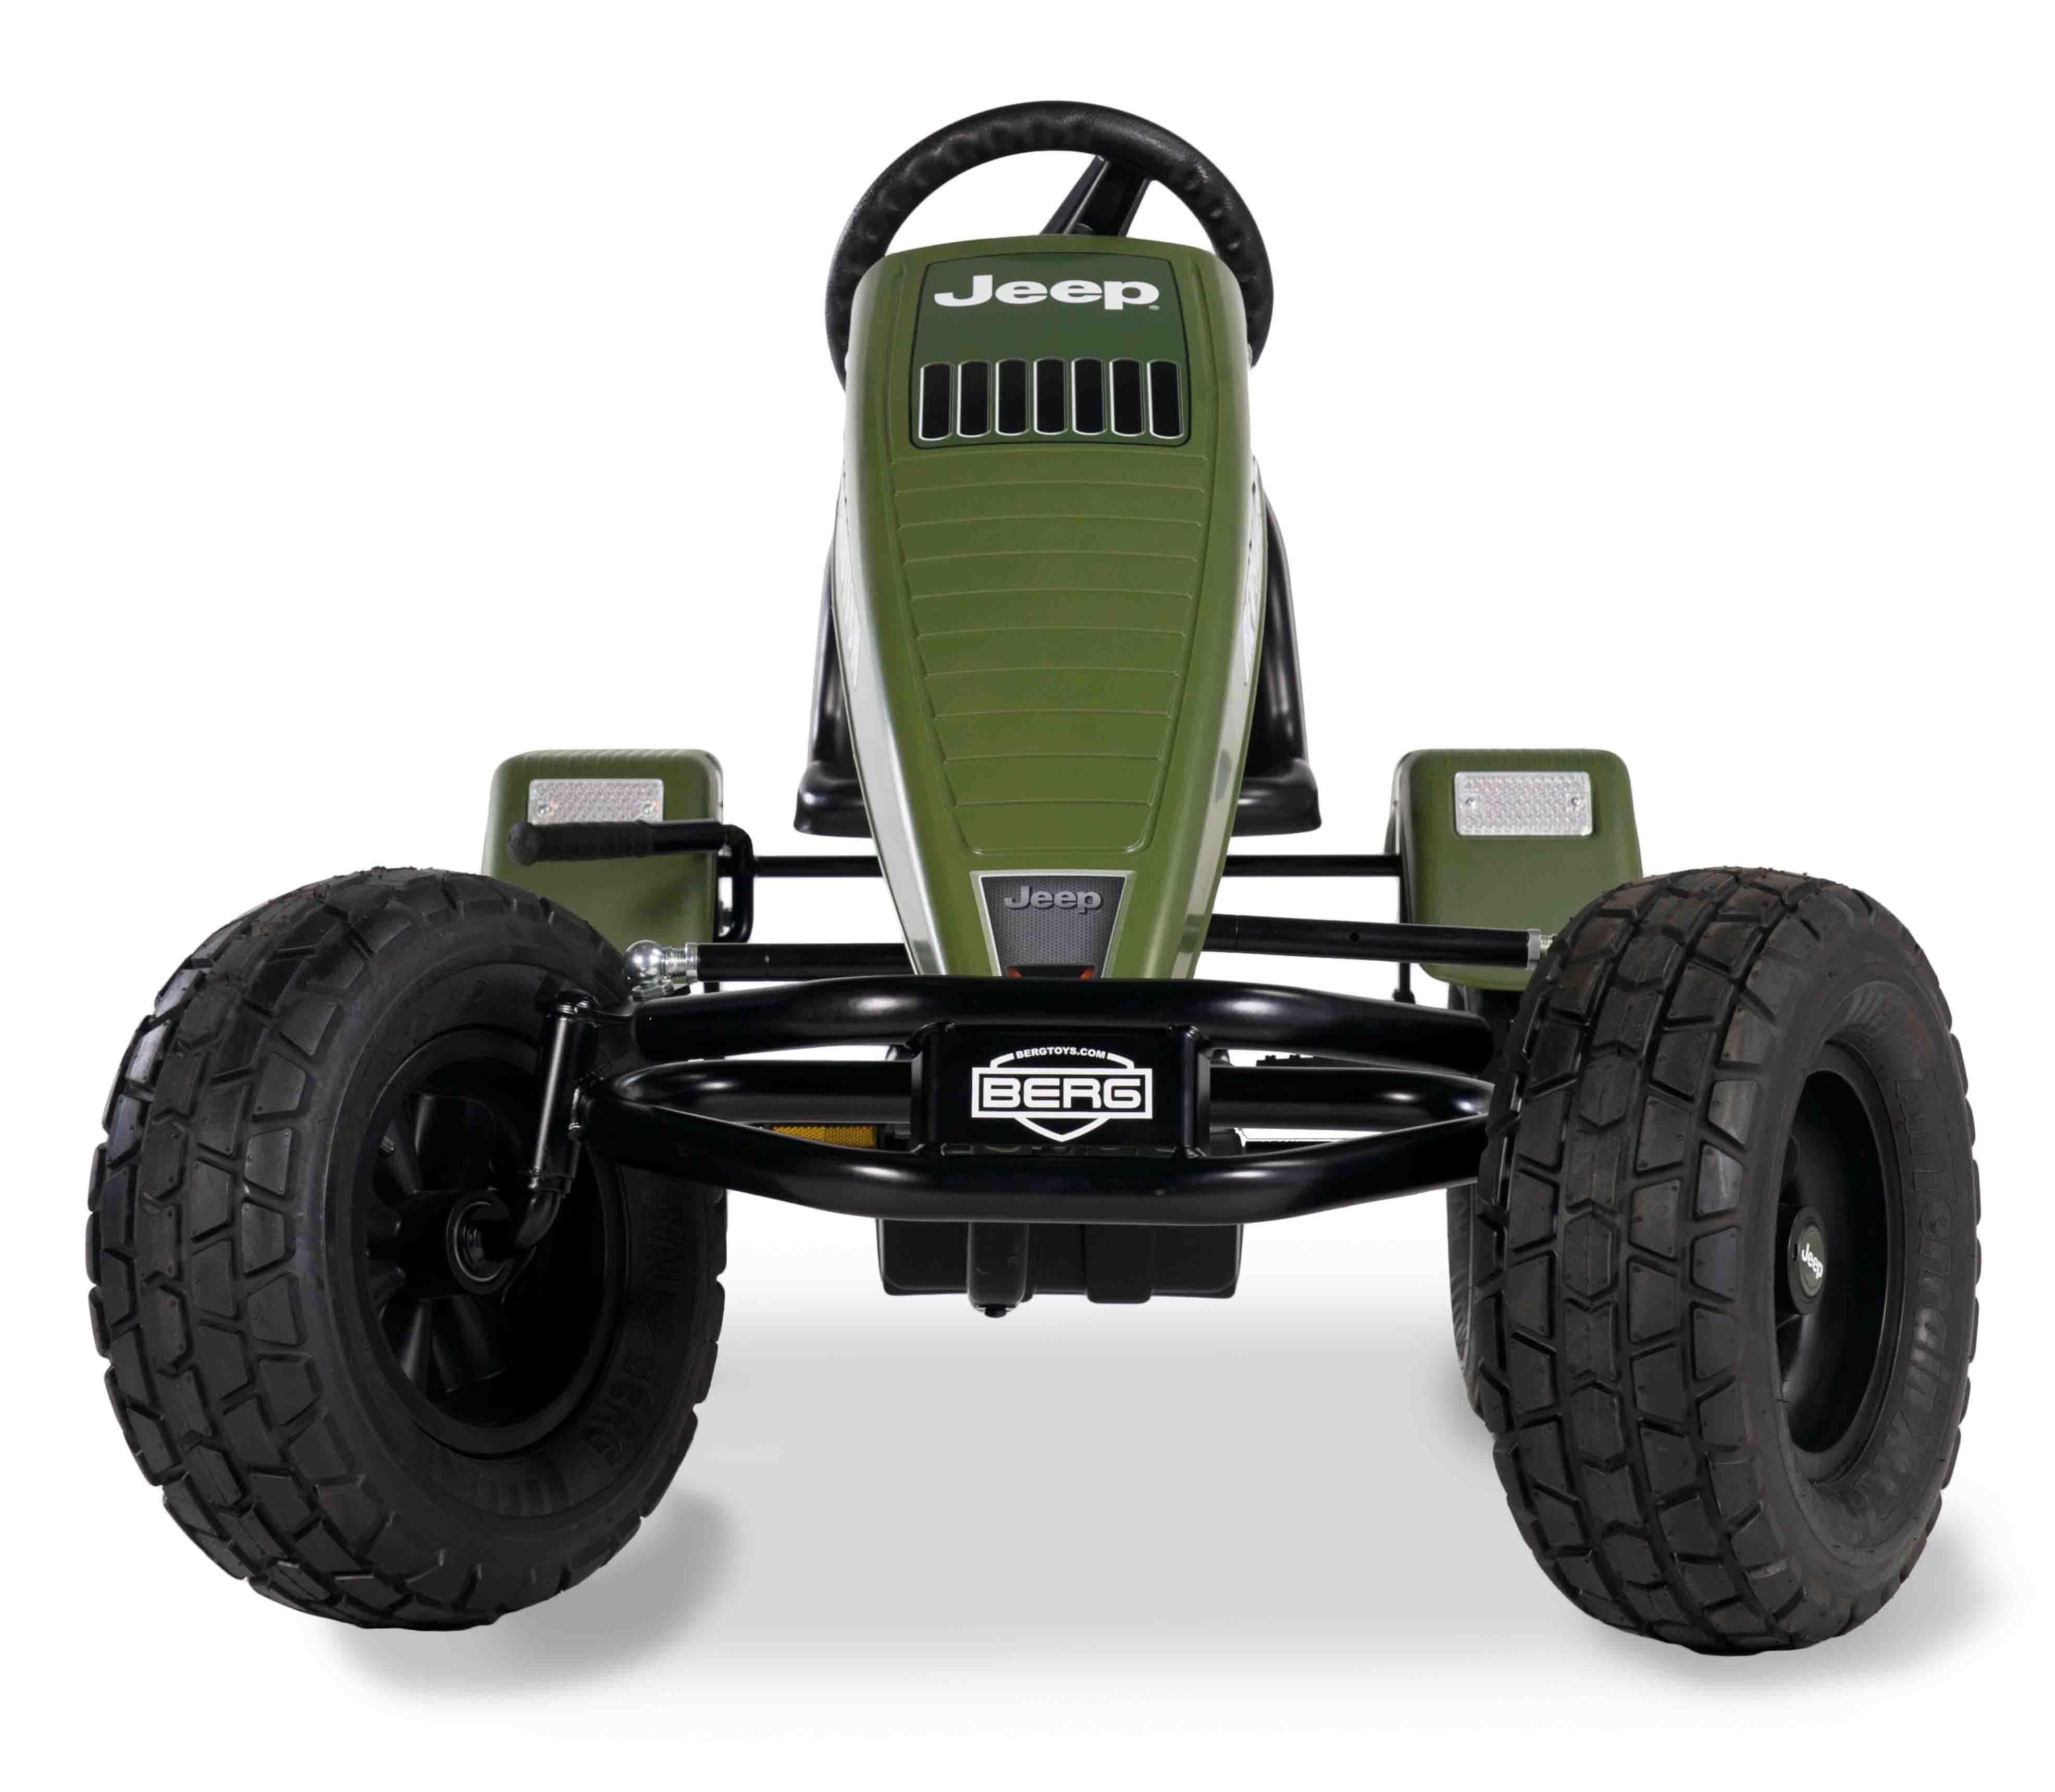 BERG Jeep Revolution BFR-3